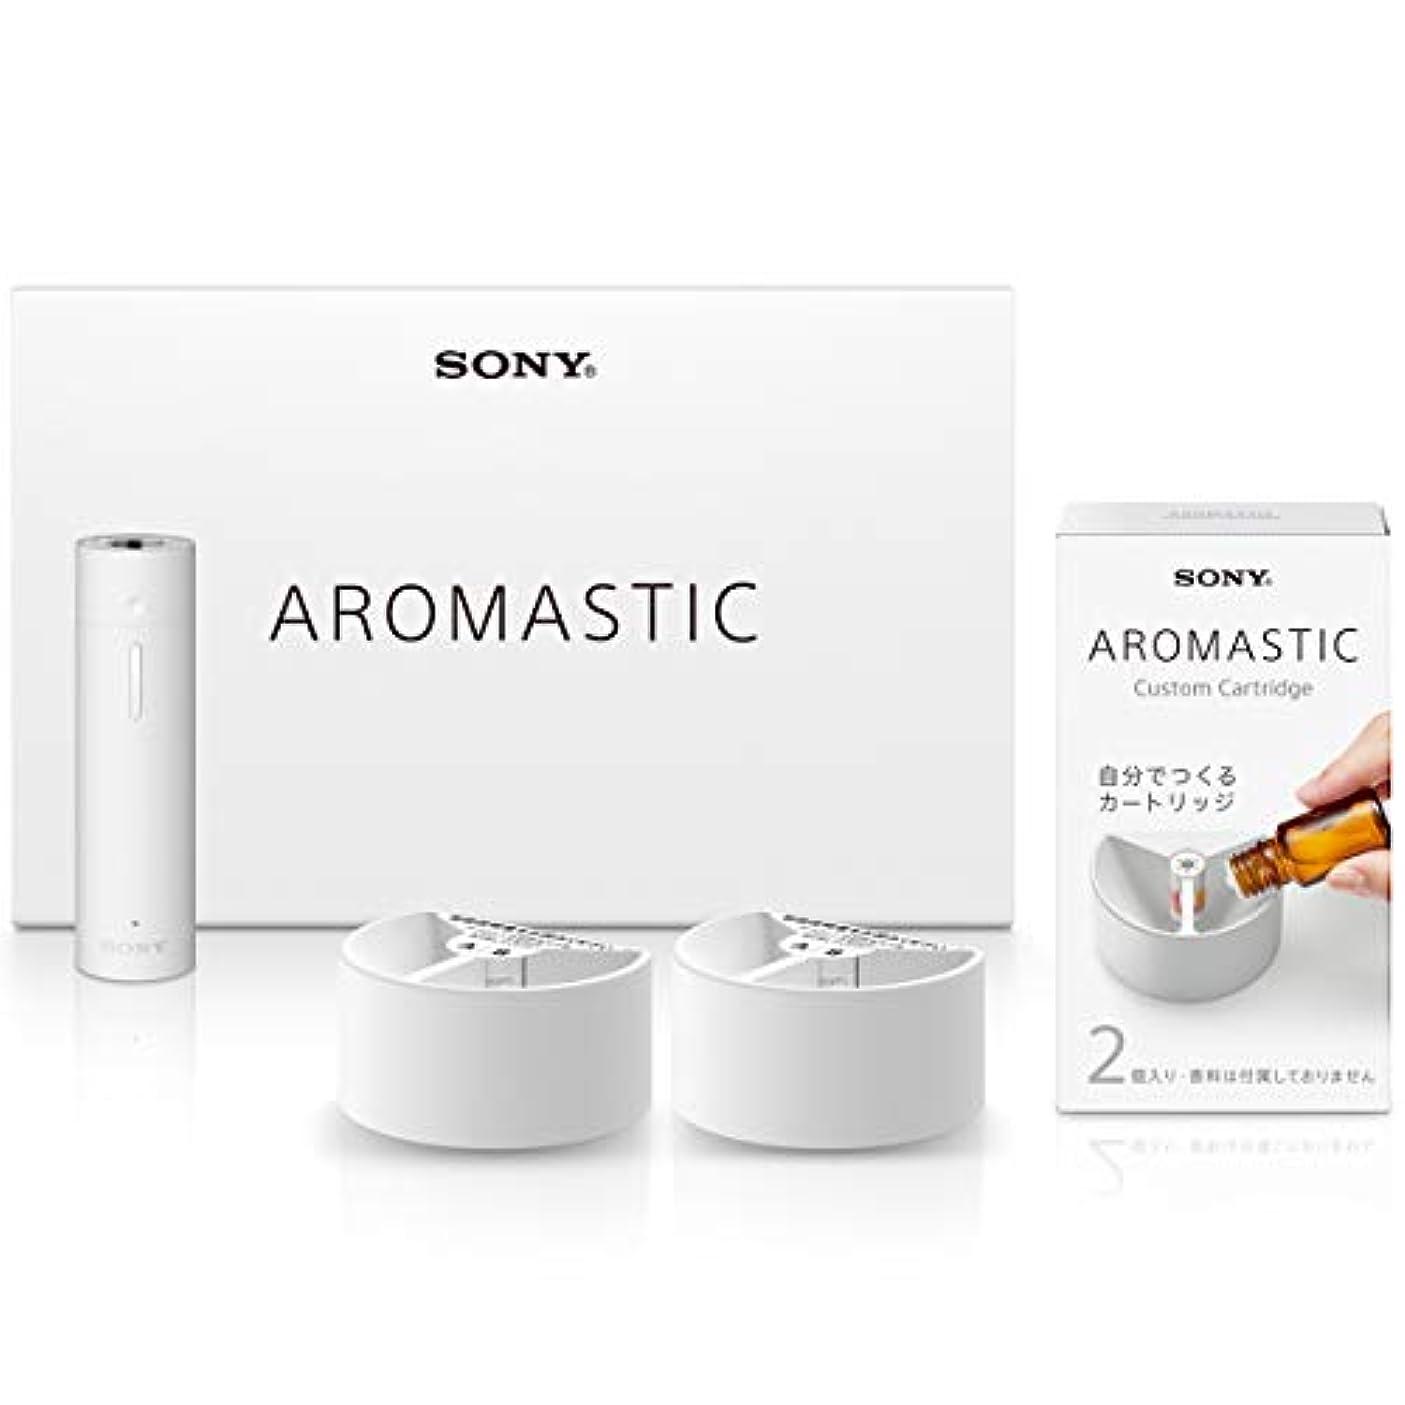 追加以下開始AROMASTIC Gift Box(ギフトボックス) W001